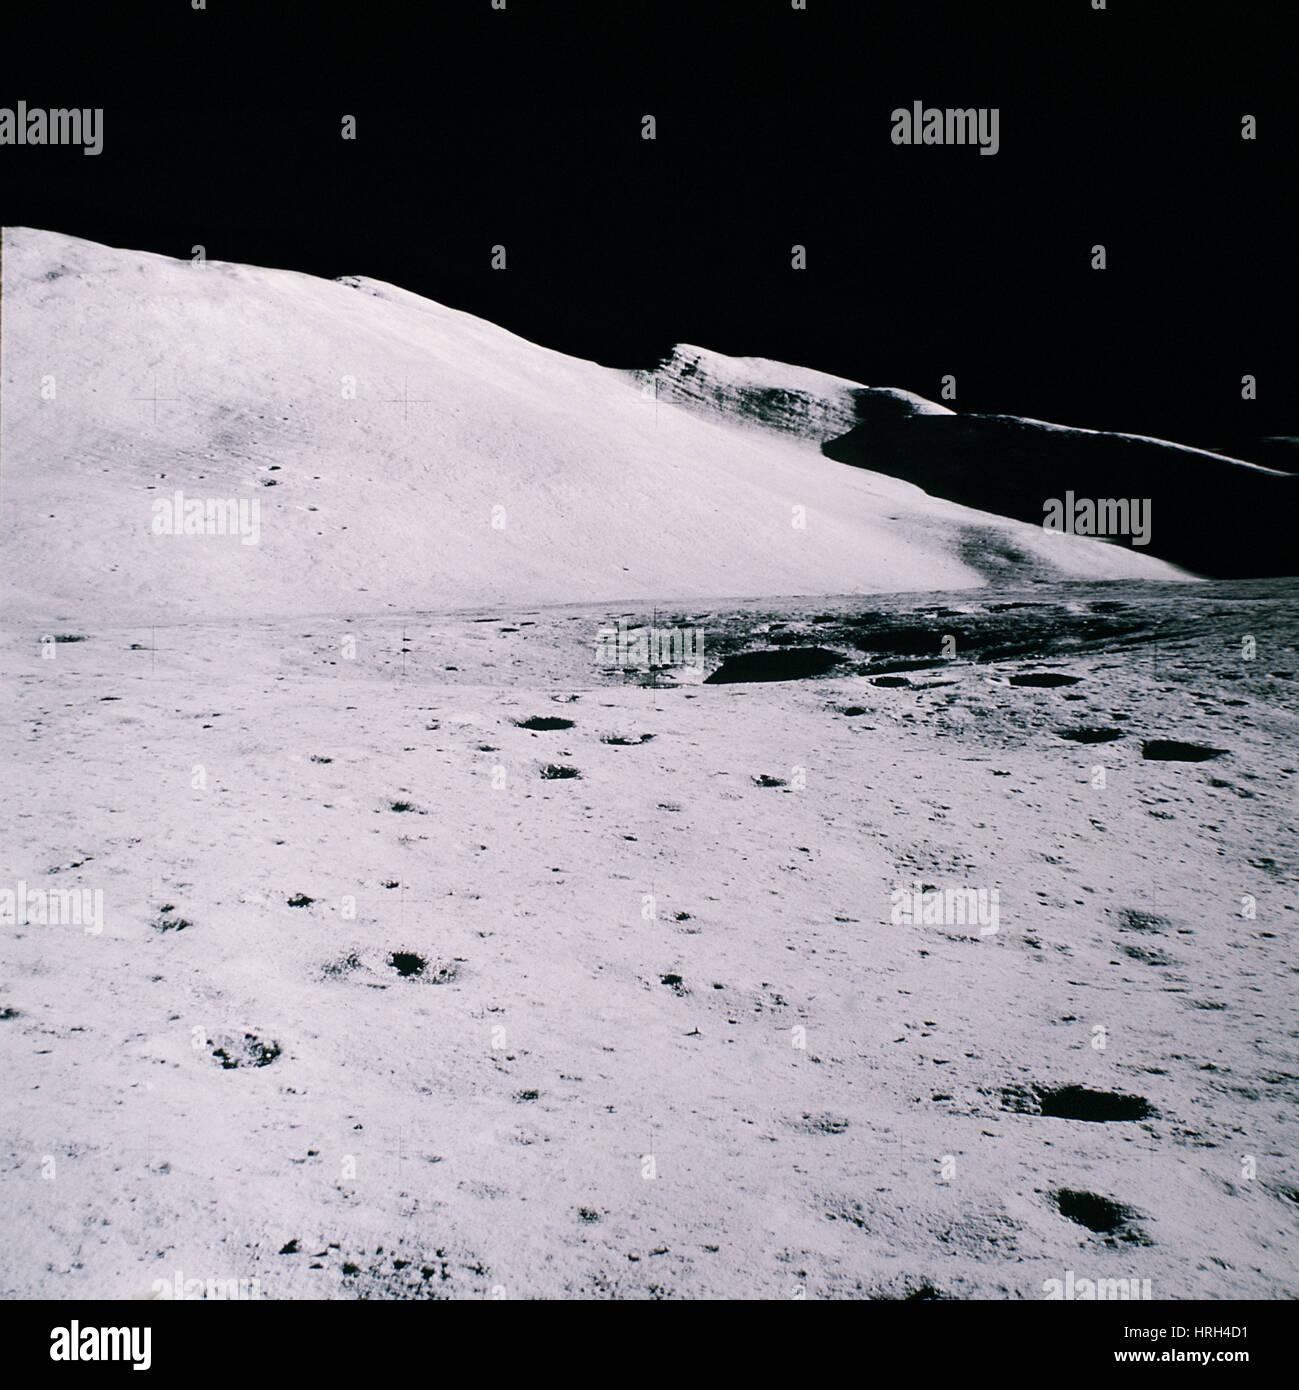 Apollo mission 16 - Stock Image